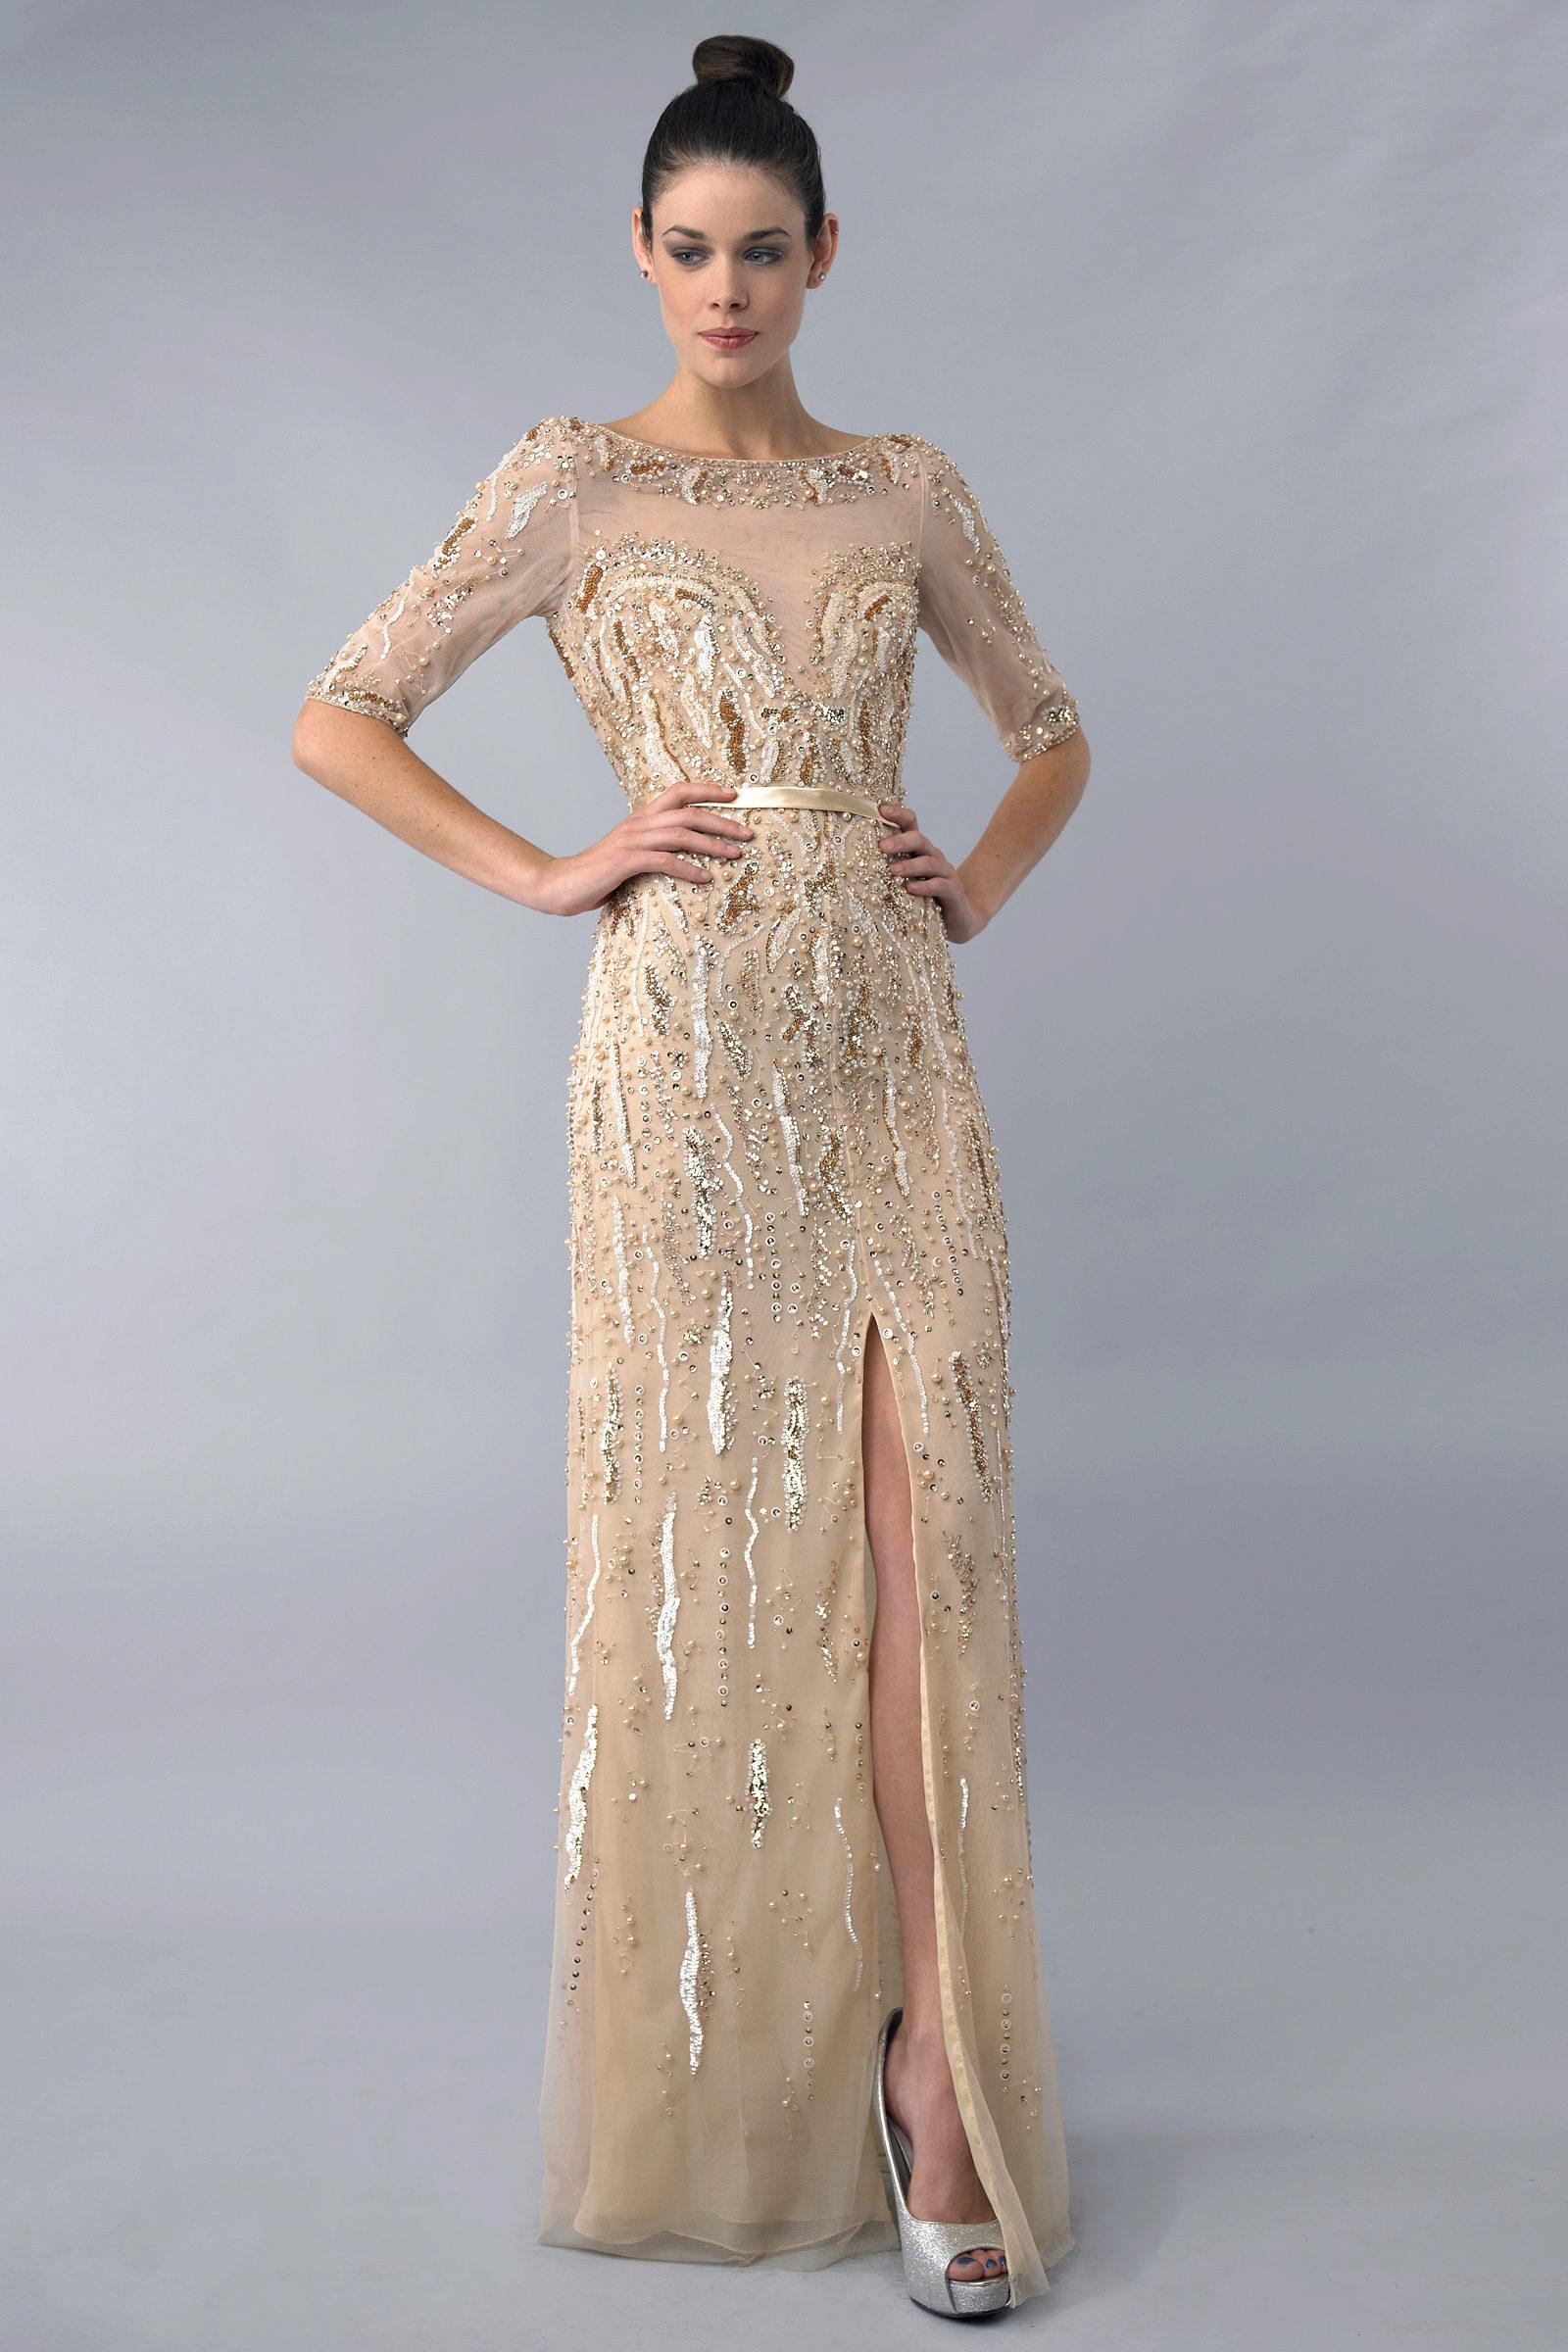 e6d496029e1 Вечернее платье с эффектом обнаженного тела